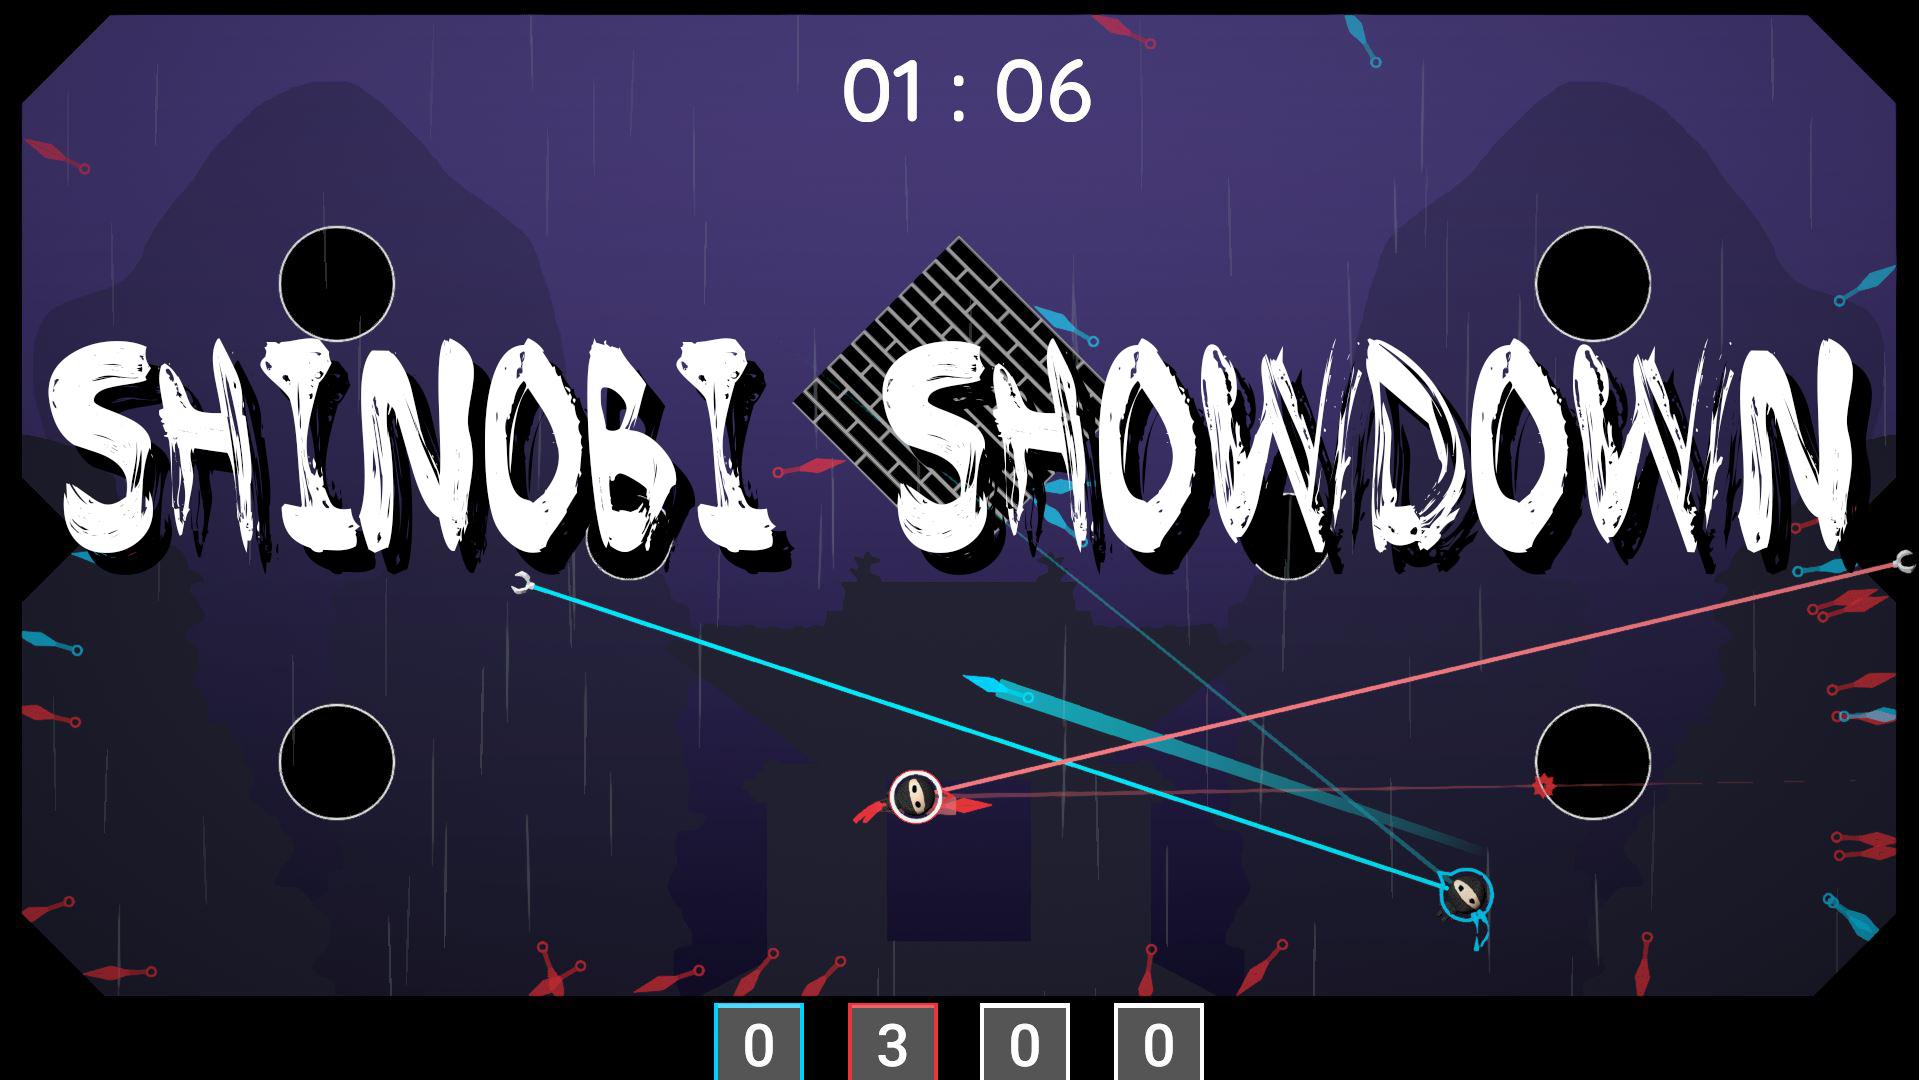 Shinobi Showdown